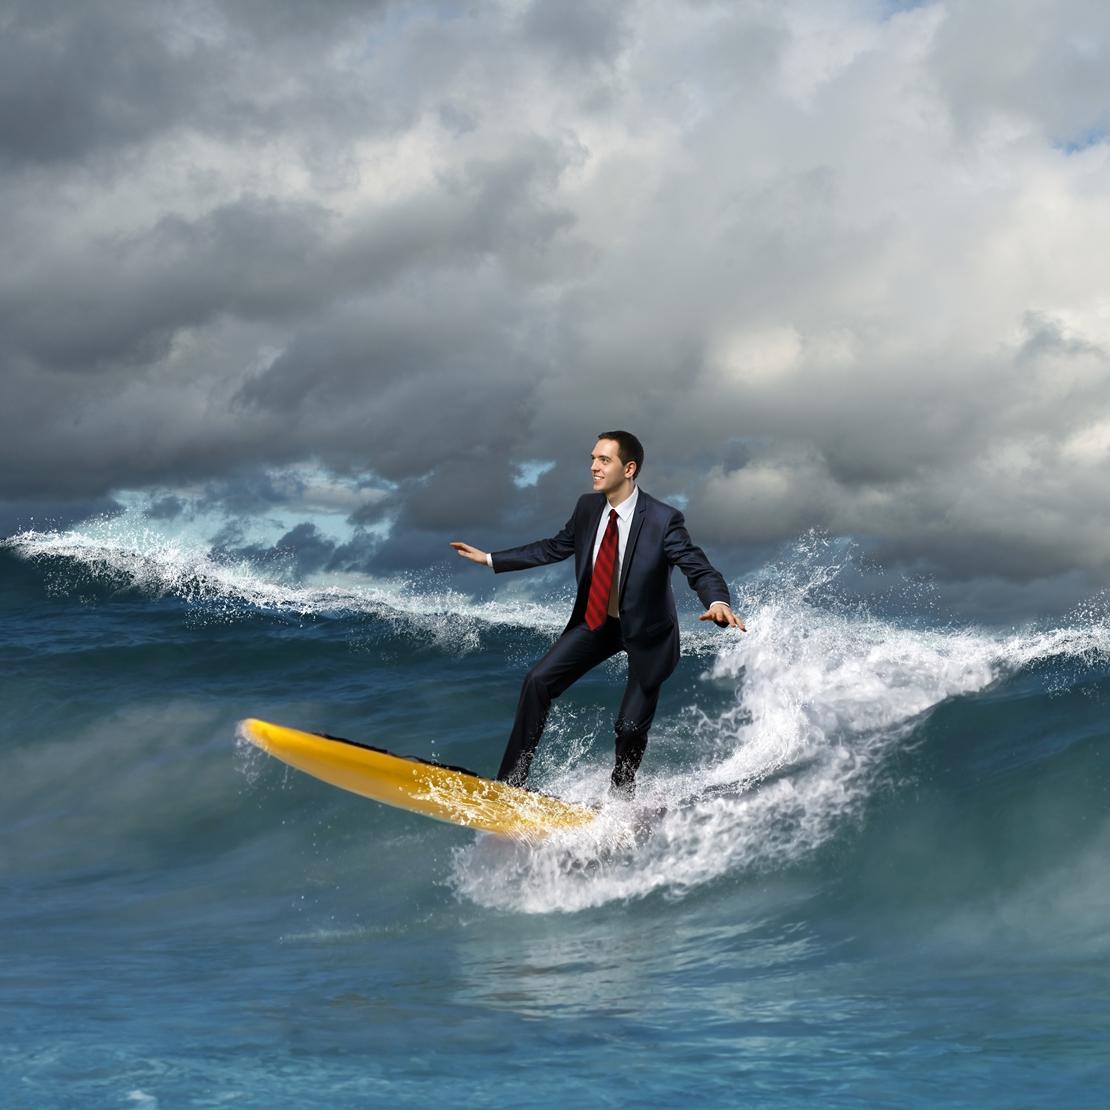 Τρεις συμβουλές για να μην «βαλτώσετε» στην συνέντευξη